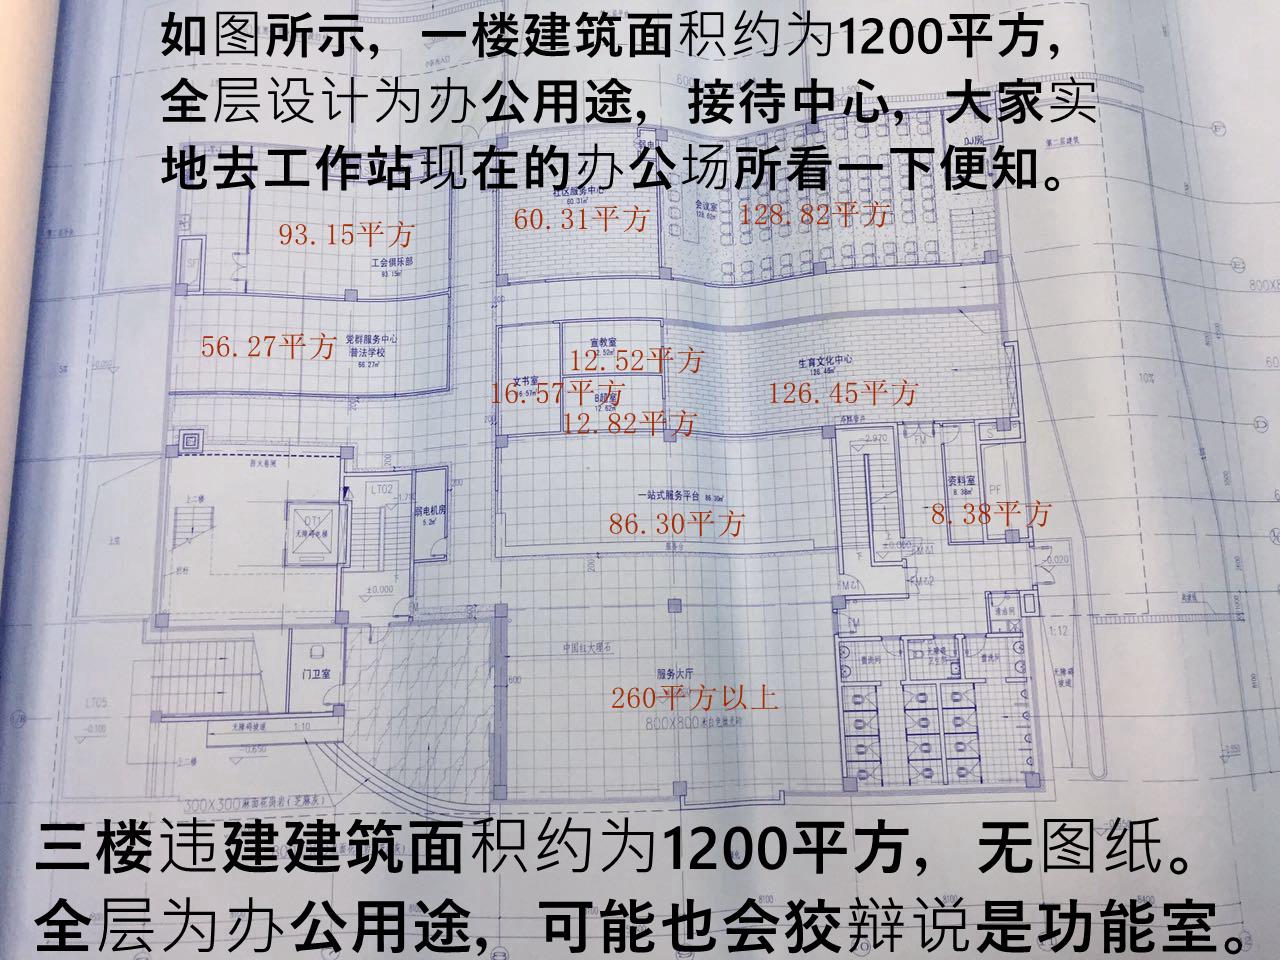 改变规划后图1_副本_副本.jpg